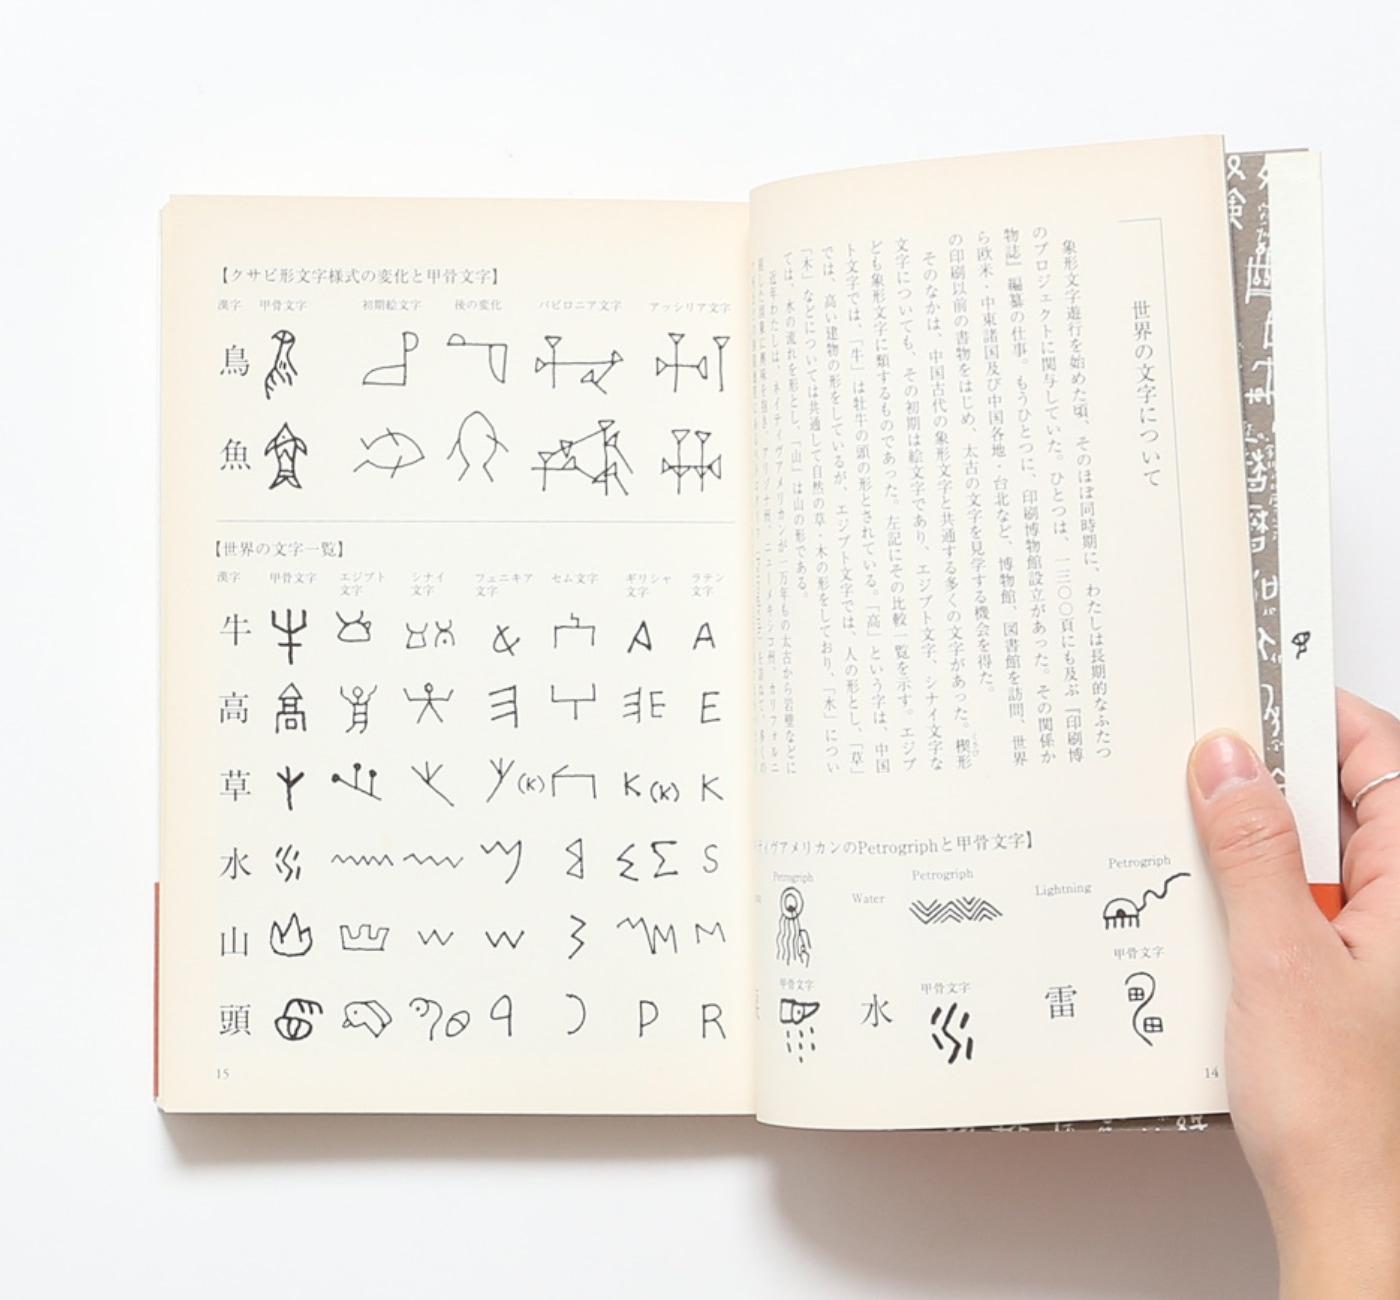 文字 一覧 象形 漢字の成り立ち【象形・指事・会意・形声】まとめ